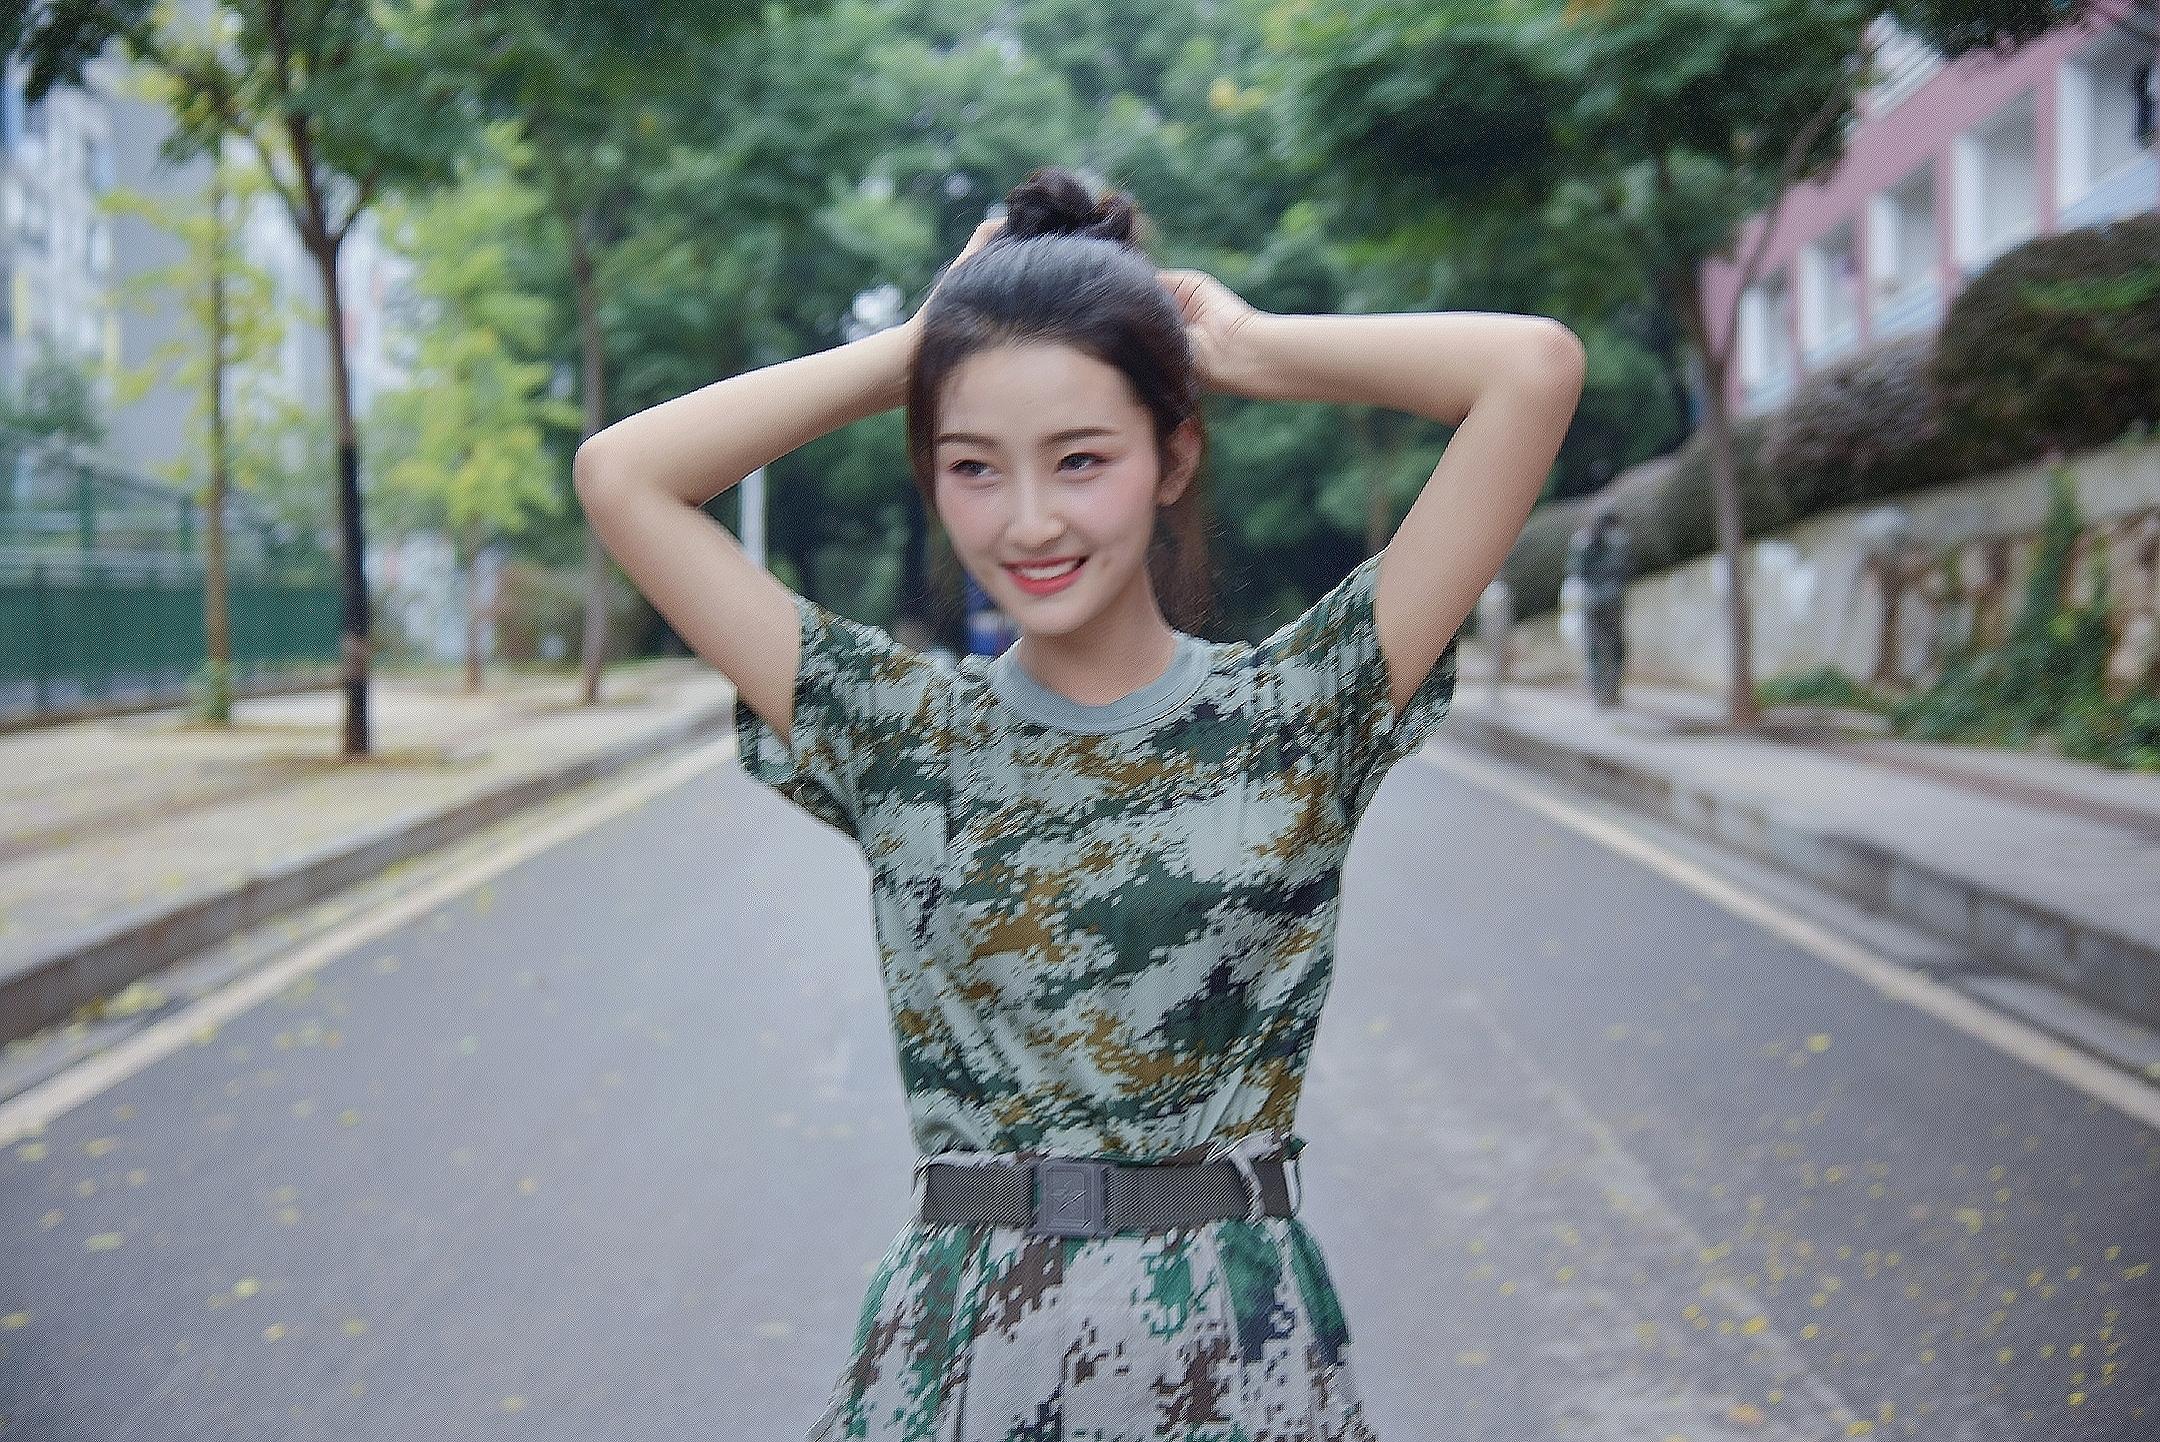 【校花日志】2019狐友校花王文卓笑容甜美 小姐姐能歌善舞又努力